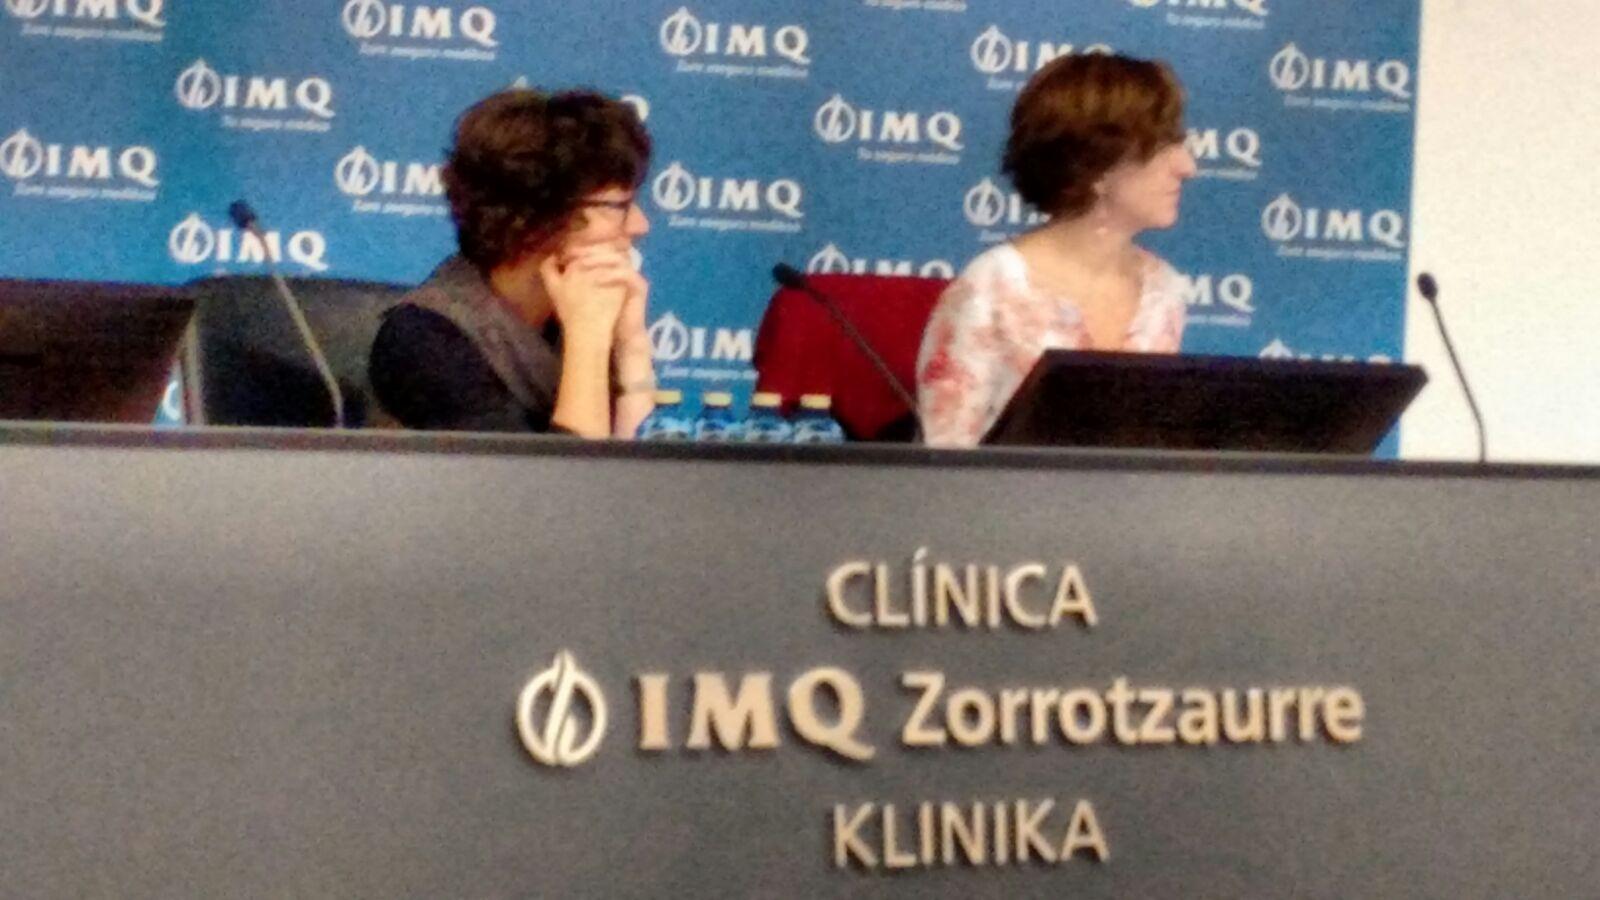 La clínica IMQ Bilbao camina en la atención a la muerte y duelo ...